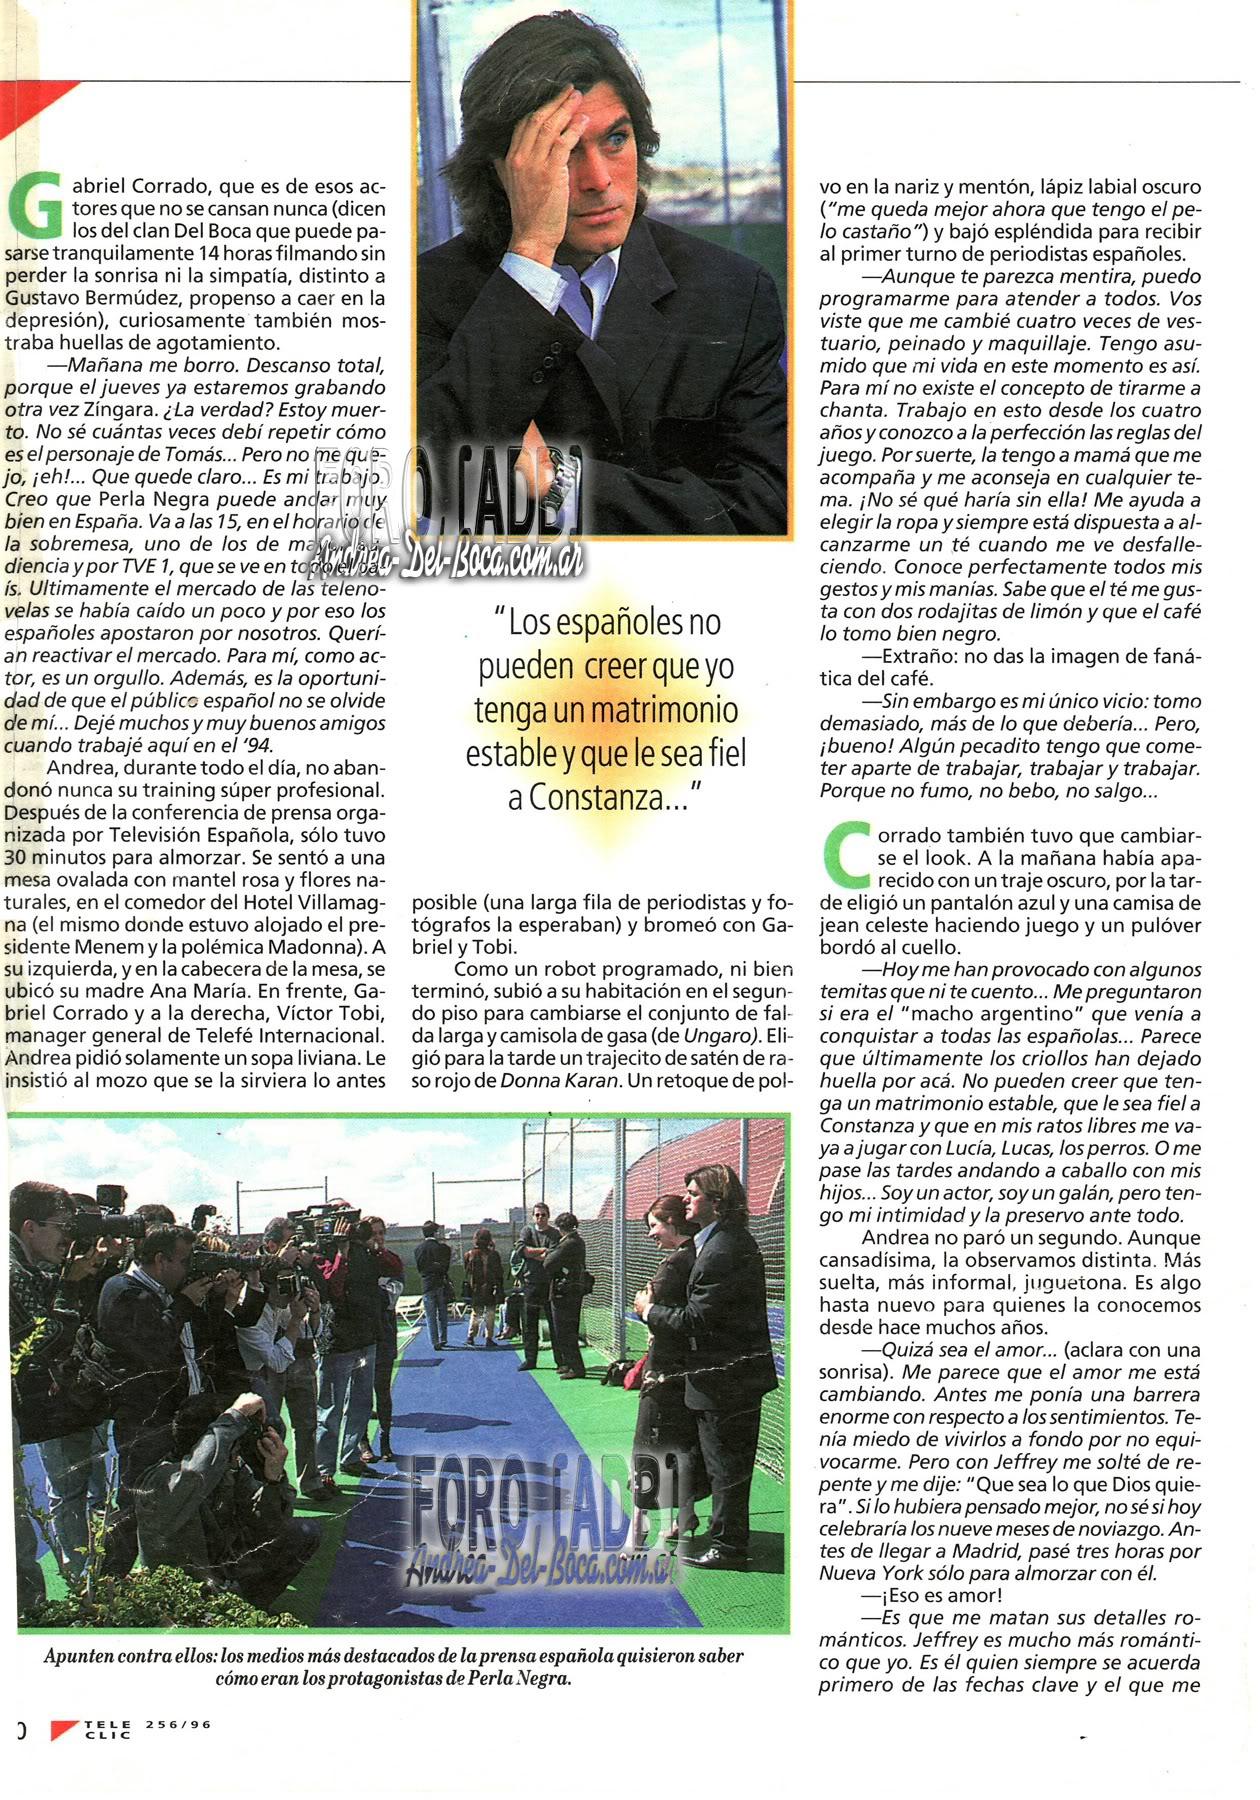 Статьи различных времен - Página 2 AC_los_reyes-de-espana03